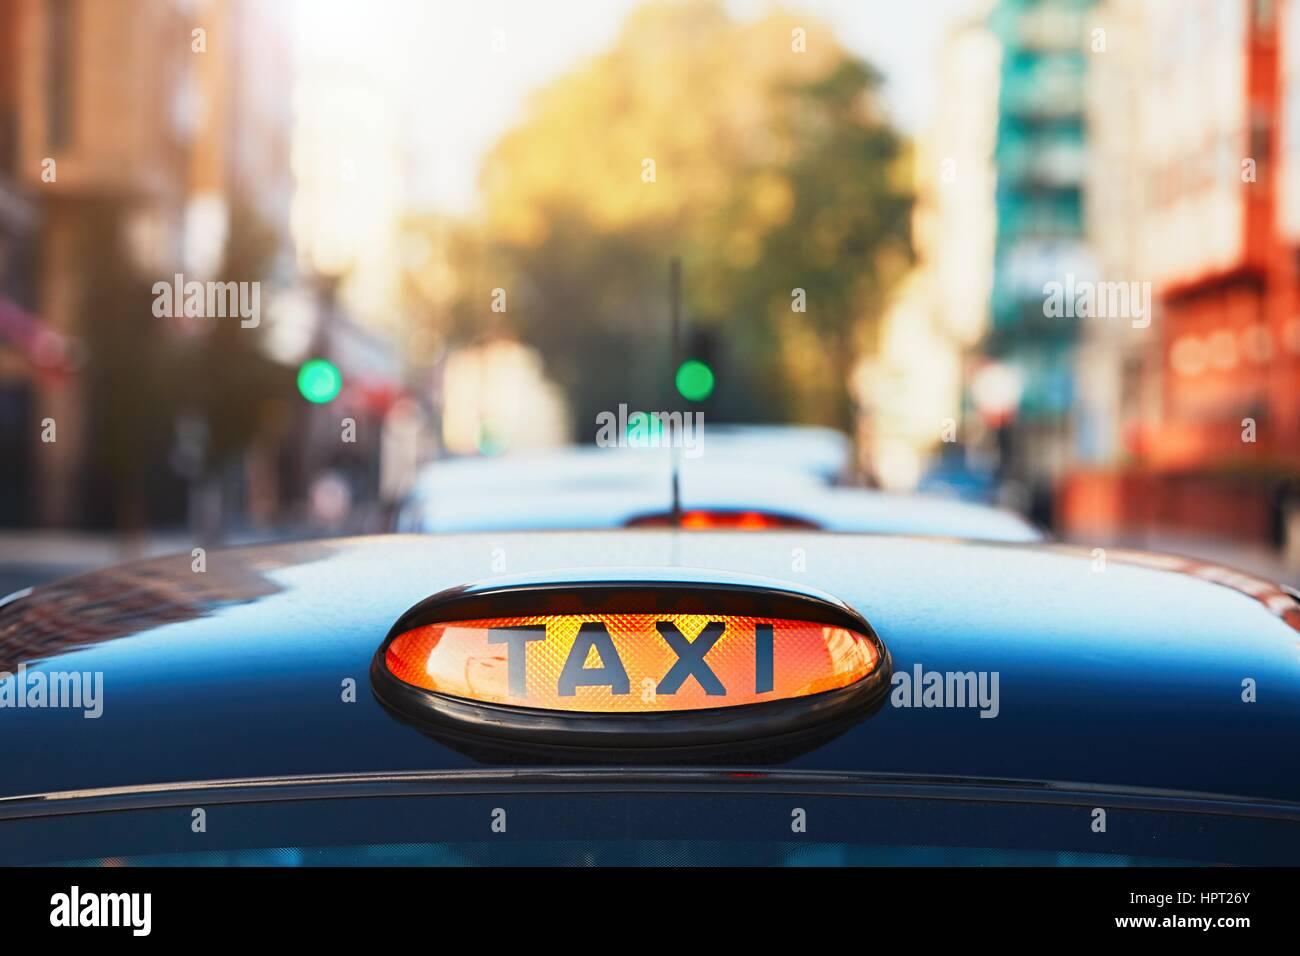 Schwarzes Taxi Taxi London unterzeichnen auf der Straße, UK Stockbild